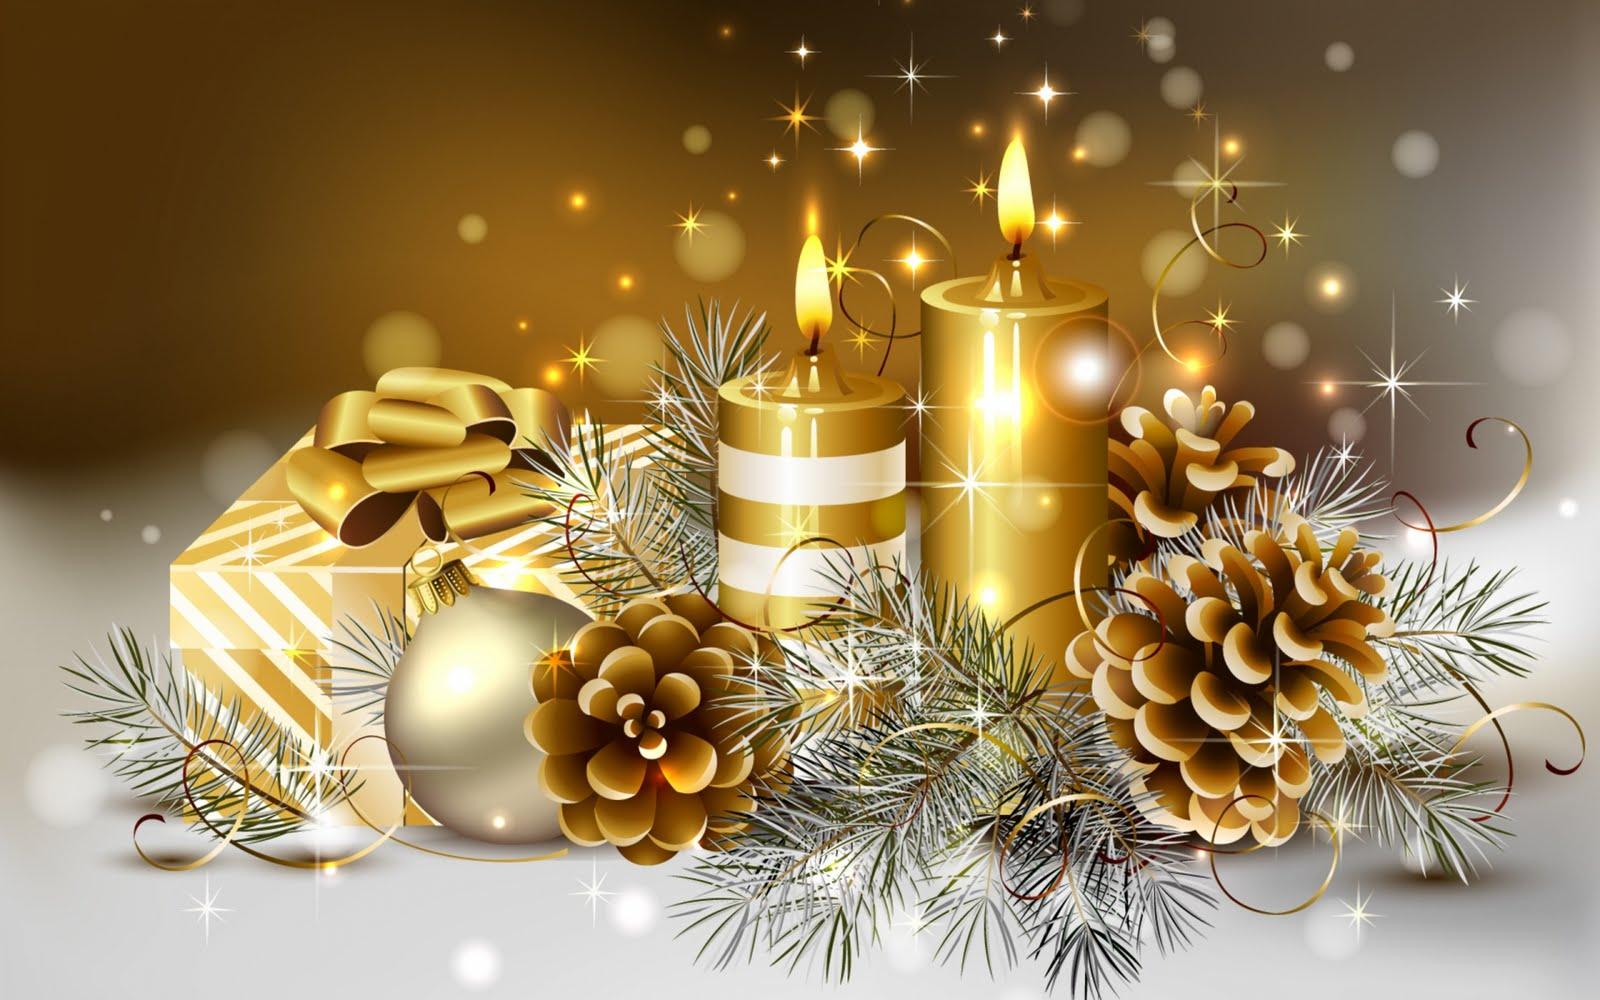 Adornos de navidad ornamentales con velas 1600x1000 for Adornos navidenos con copas y velas